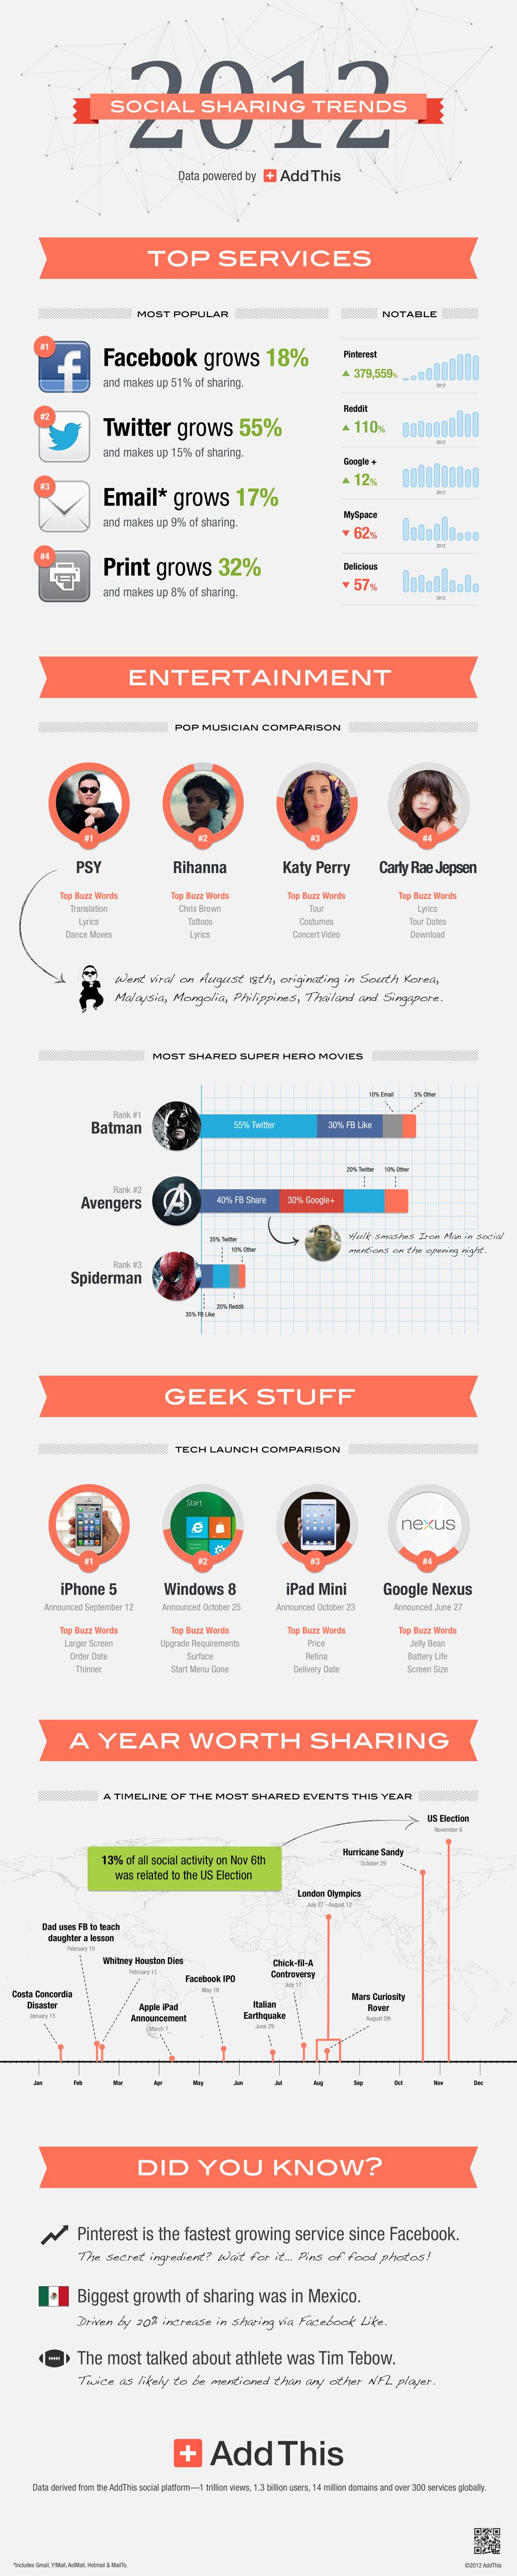 Infographie sur le partage via addThis (réseaux sociaux)